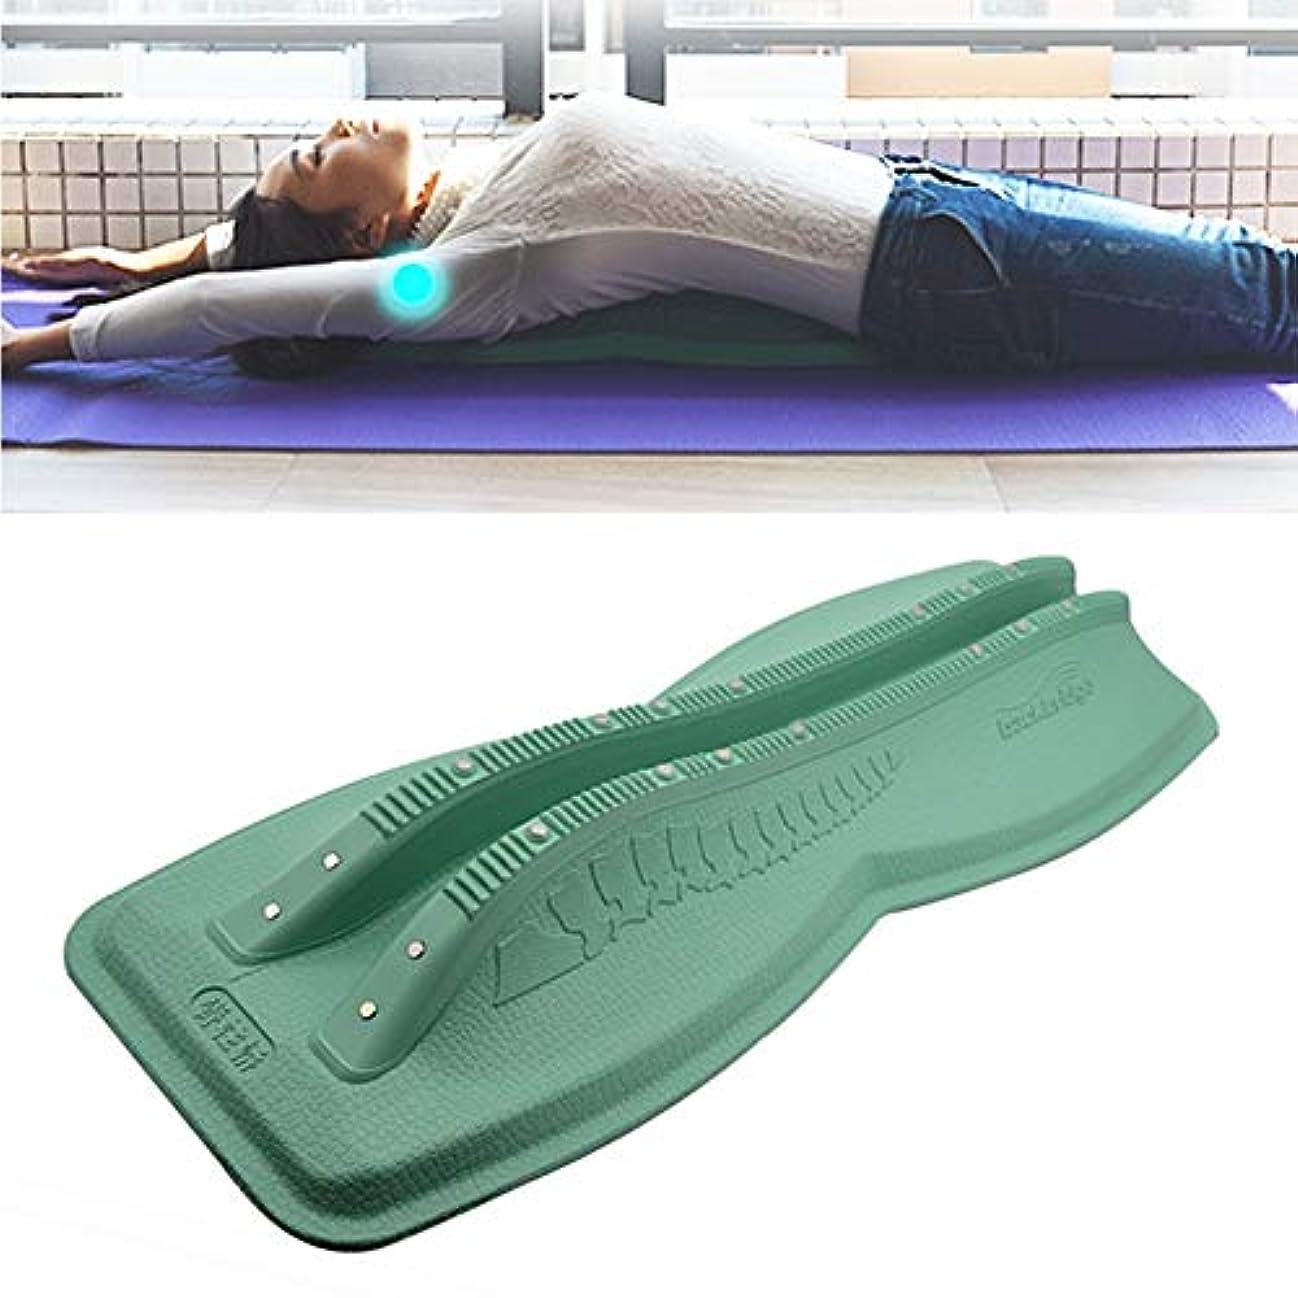 同行するストッキング暖炉ホームバックコレクターキャメルバックコレクター頸部腰椎マッサージ脊椎脊椎ストレッチストレッチ